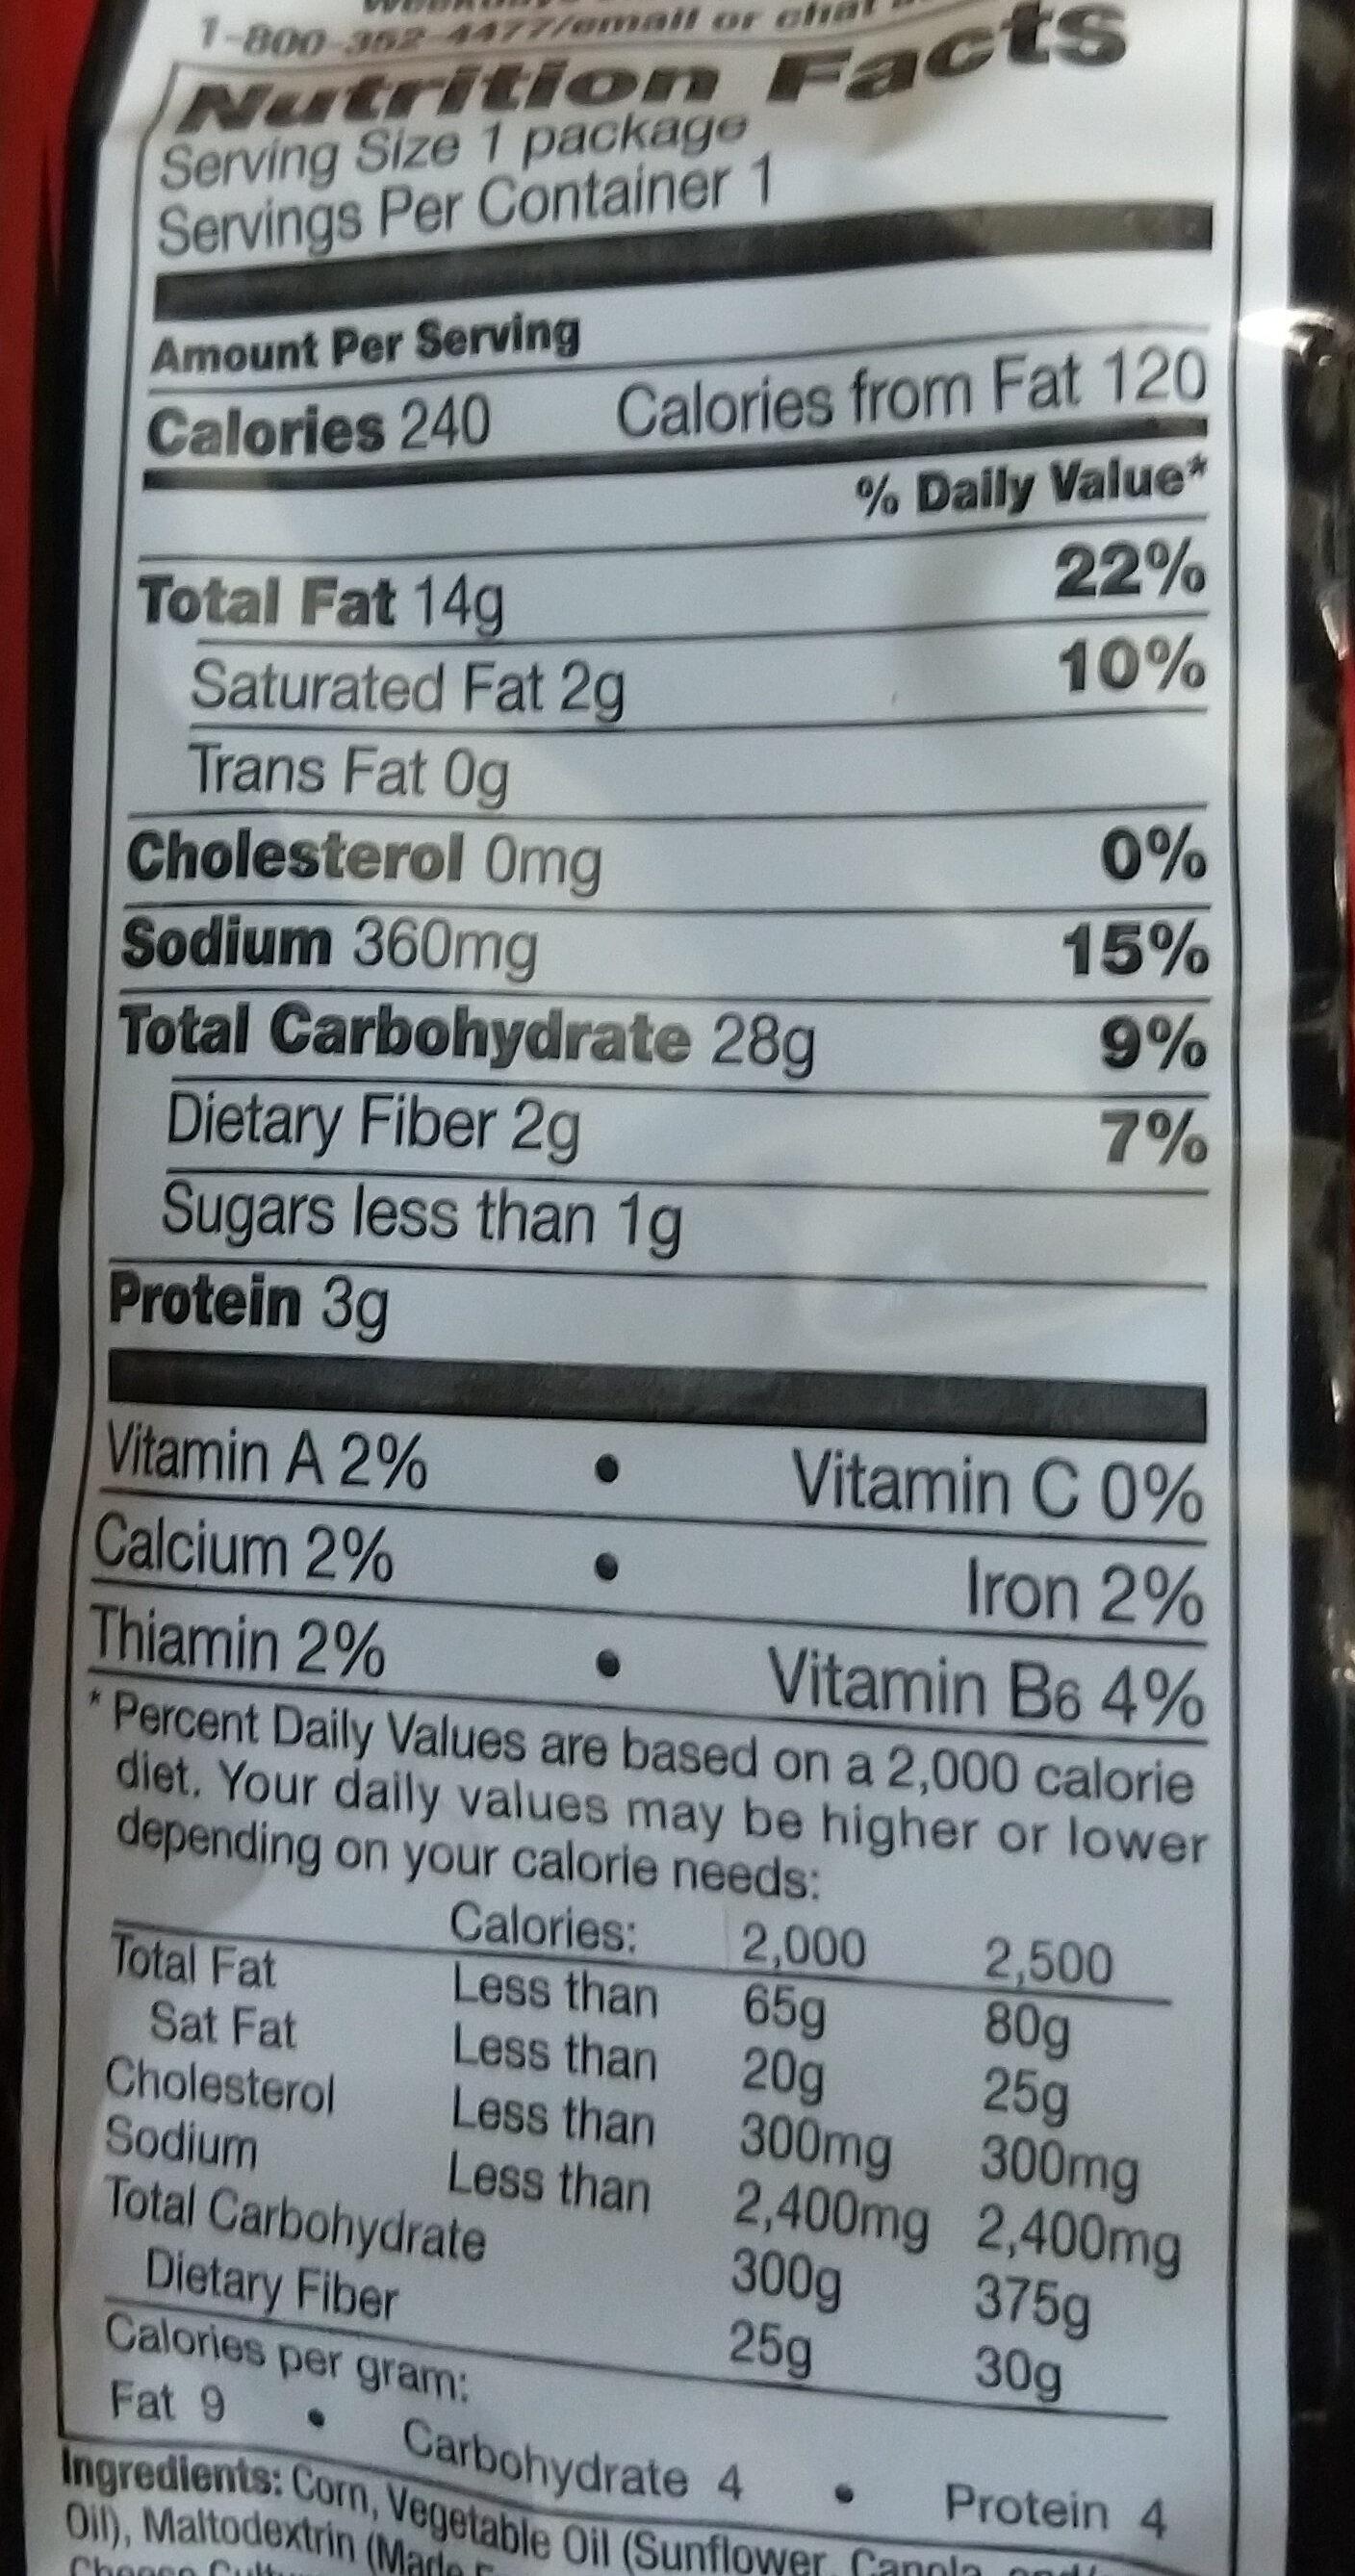 Doritos Nacho Cheese Tortilla Chips 1.75 Ounce Plastic Bag - Nutrition facts - en